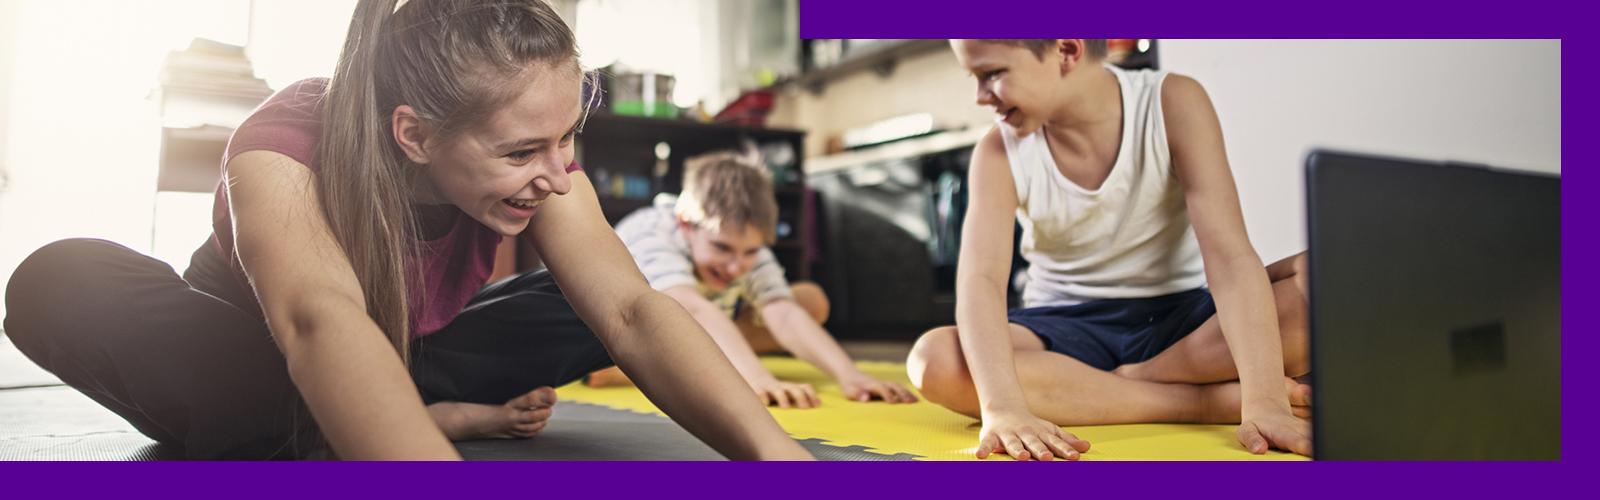 Imagem mostra mãe e filhos fazendo atividades físicas na sala de casa.